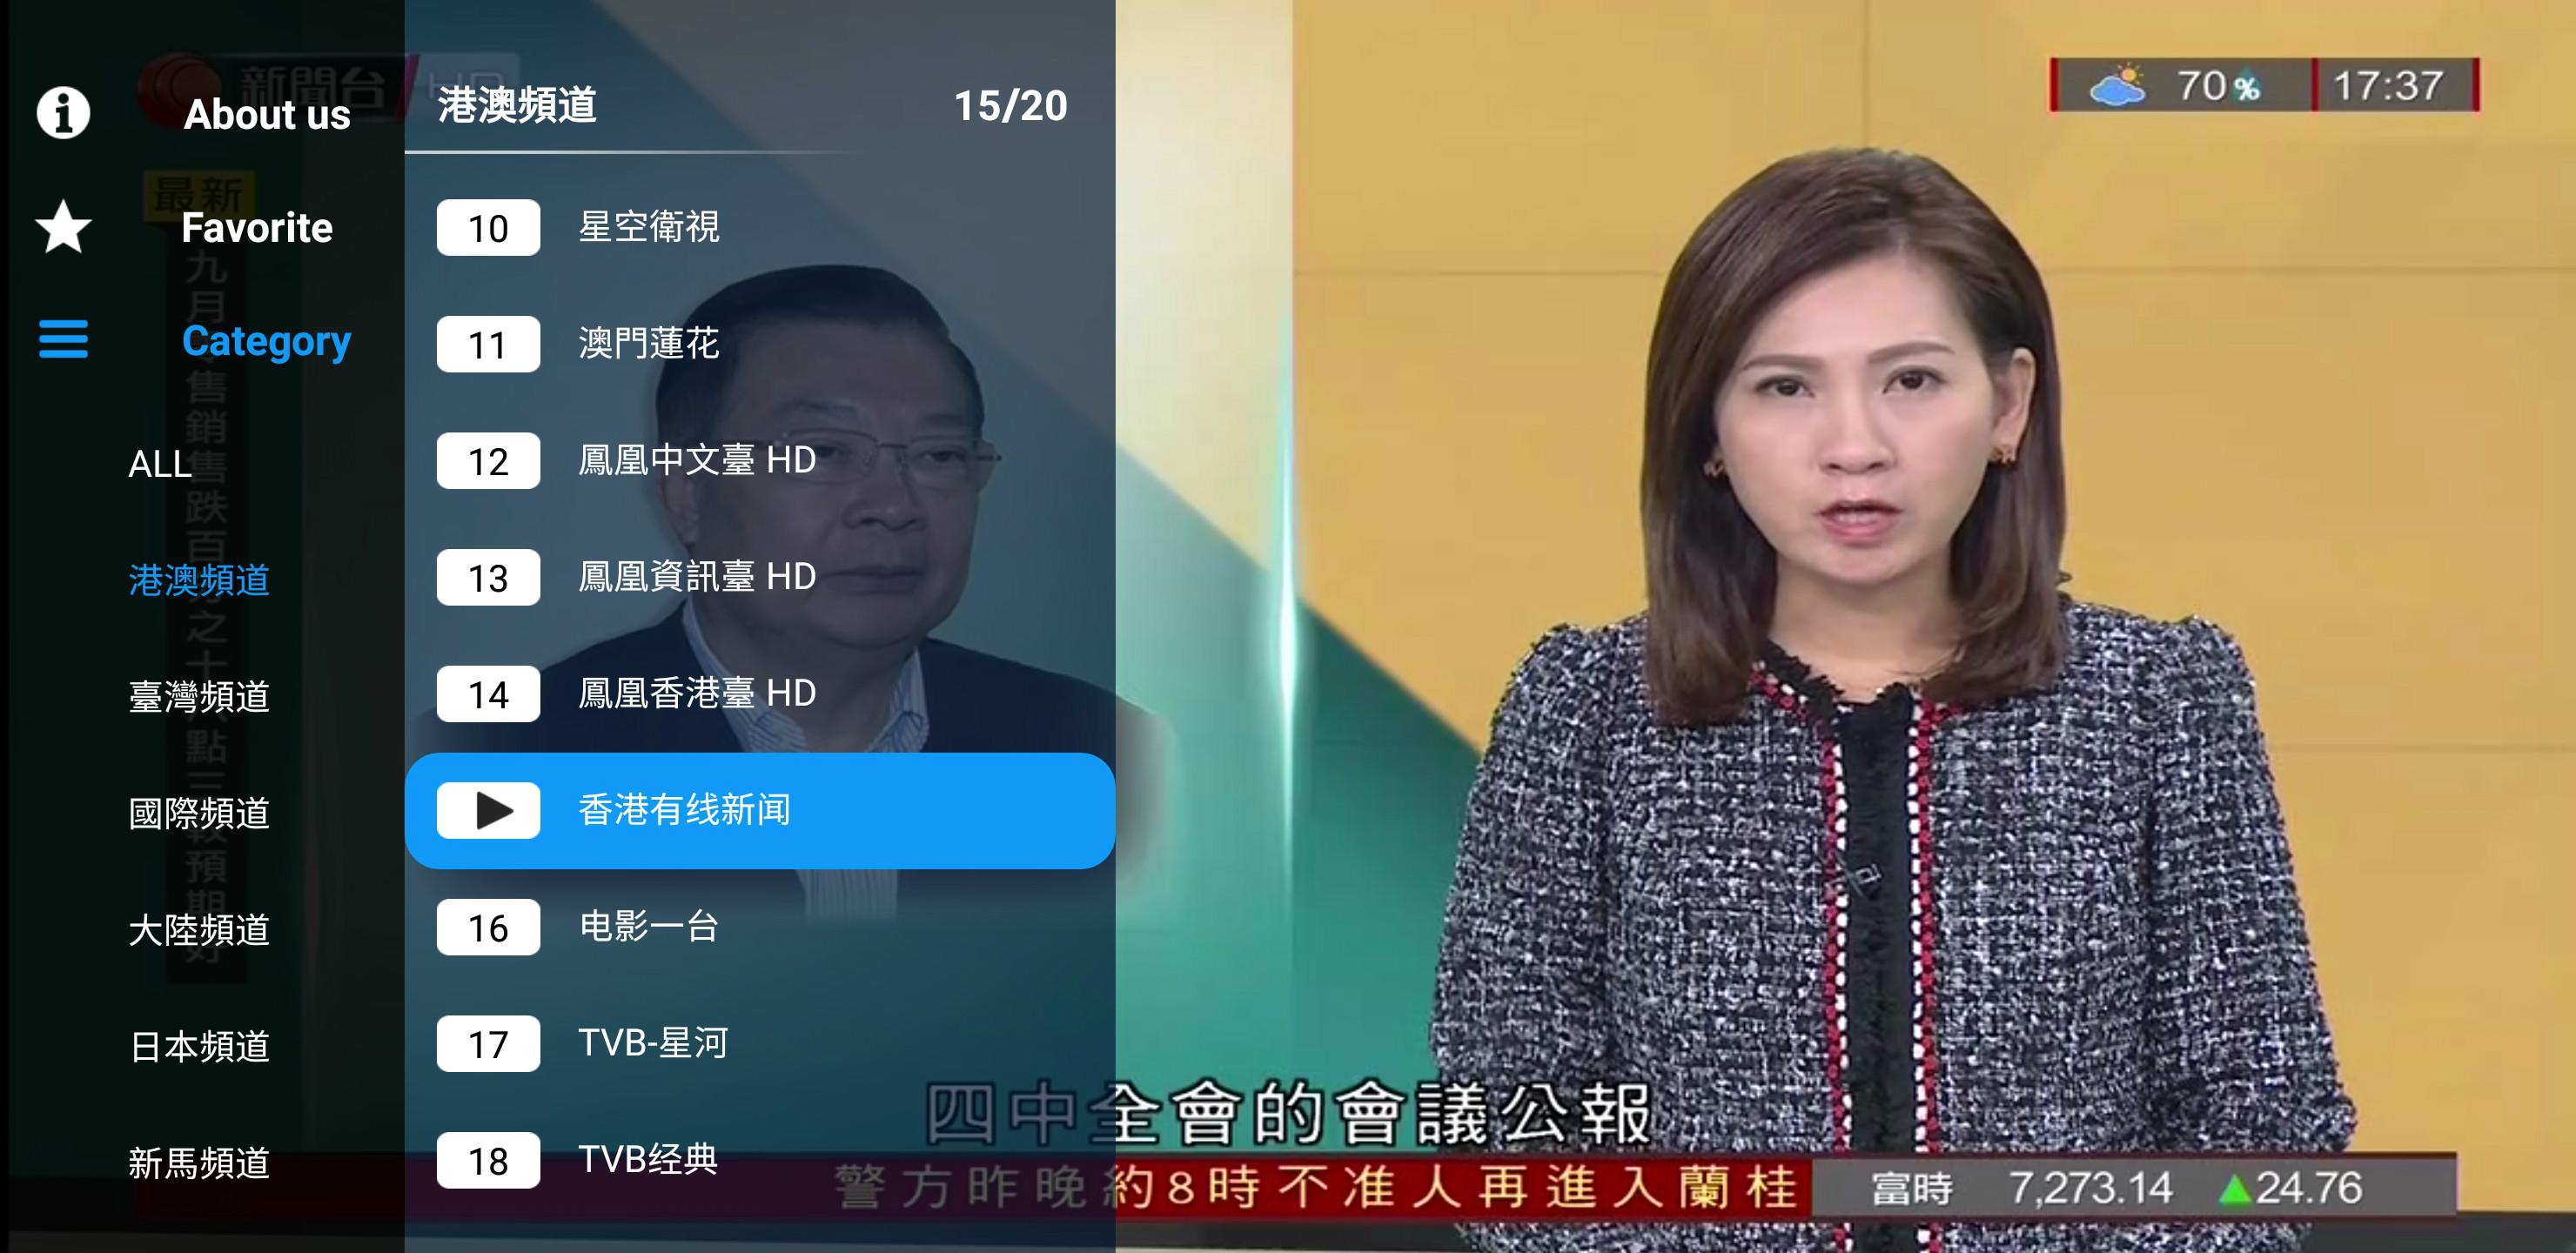 香港有线新闻台.jpg